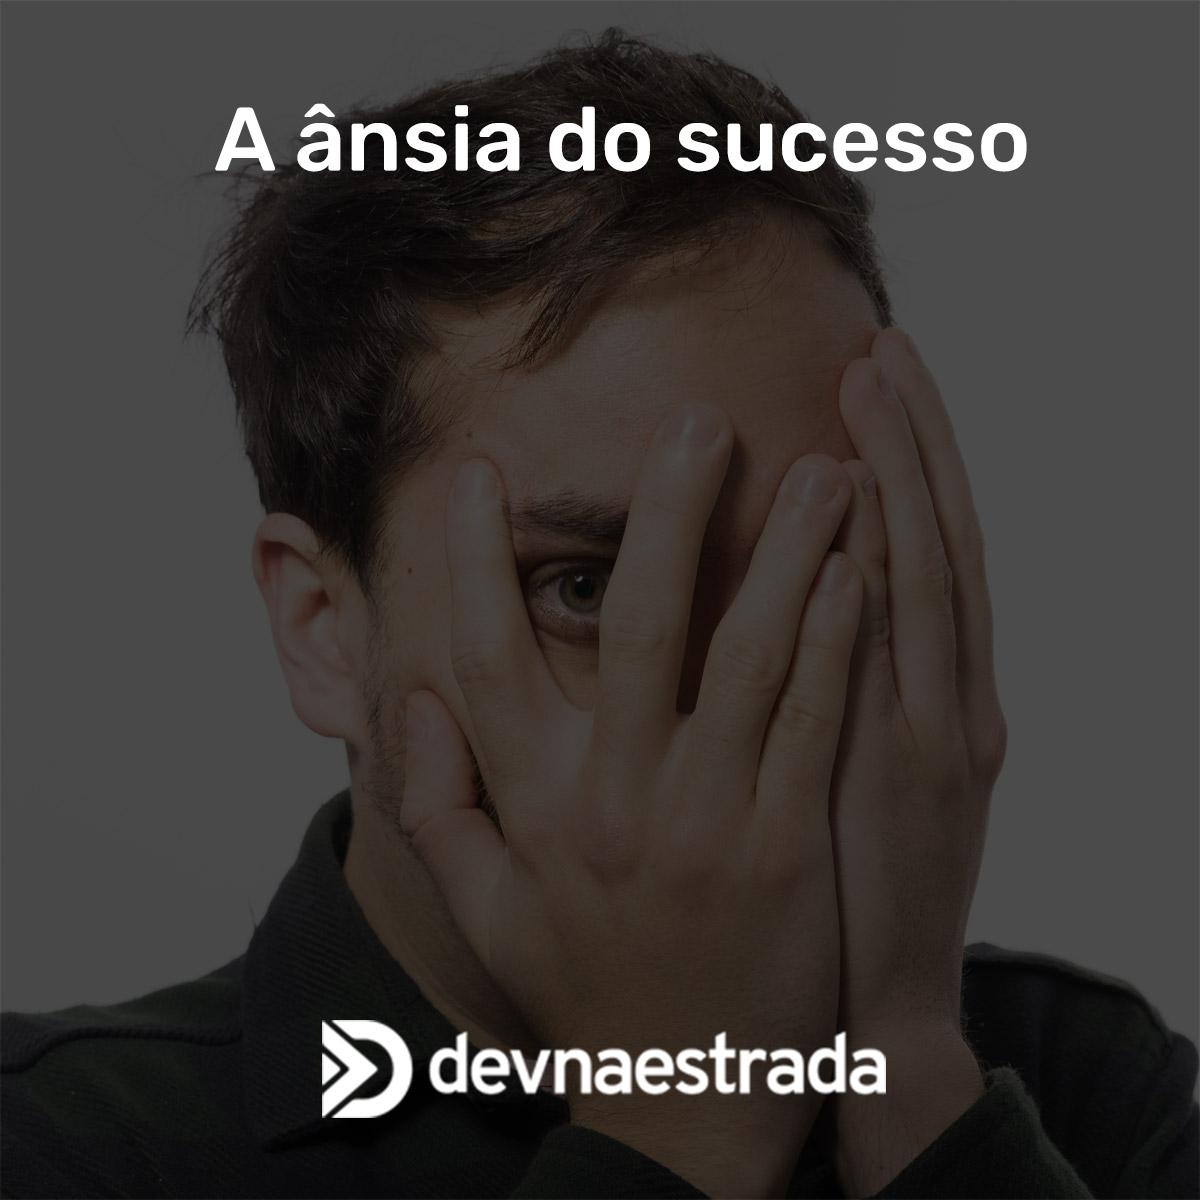 A ânsia do sucesso